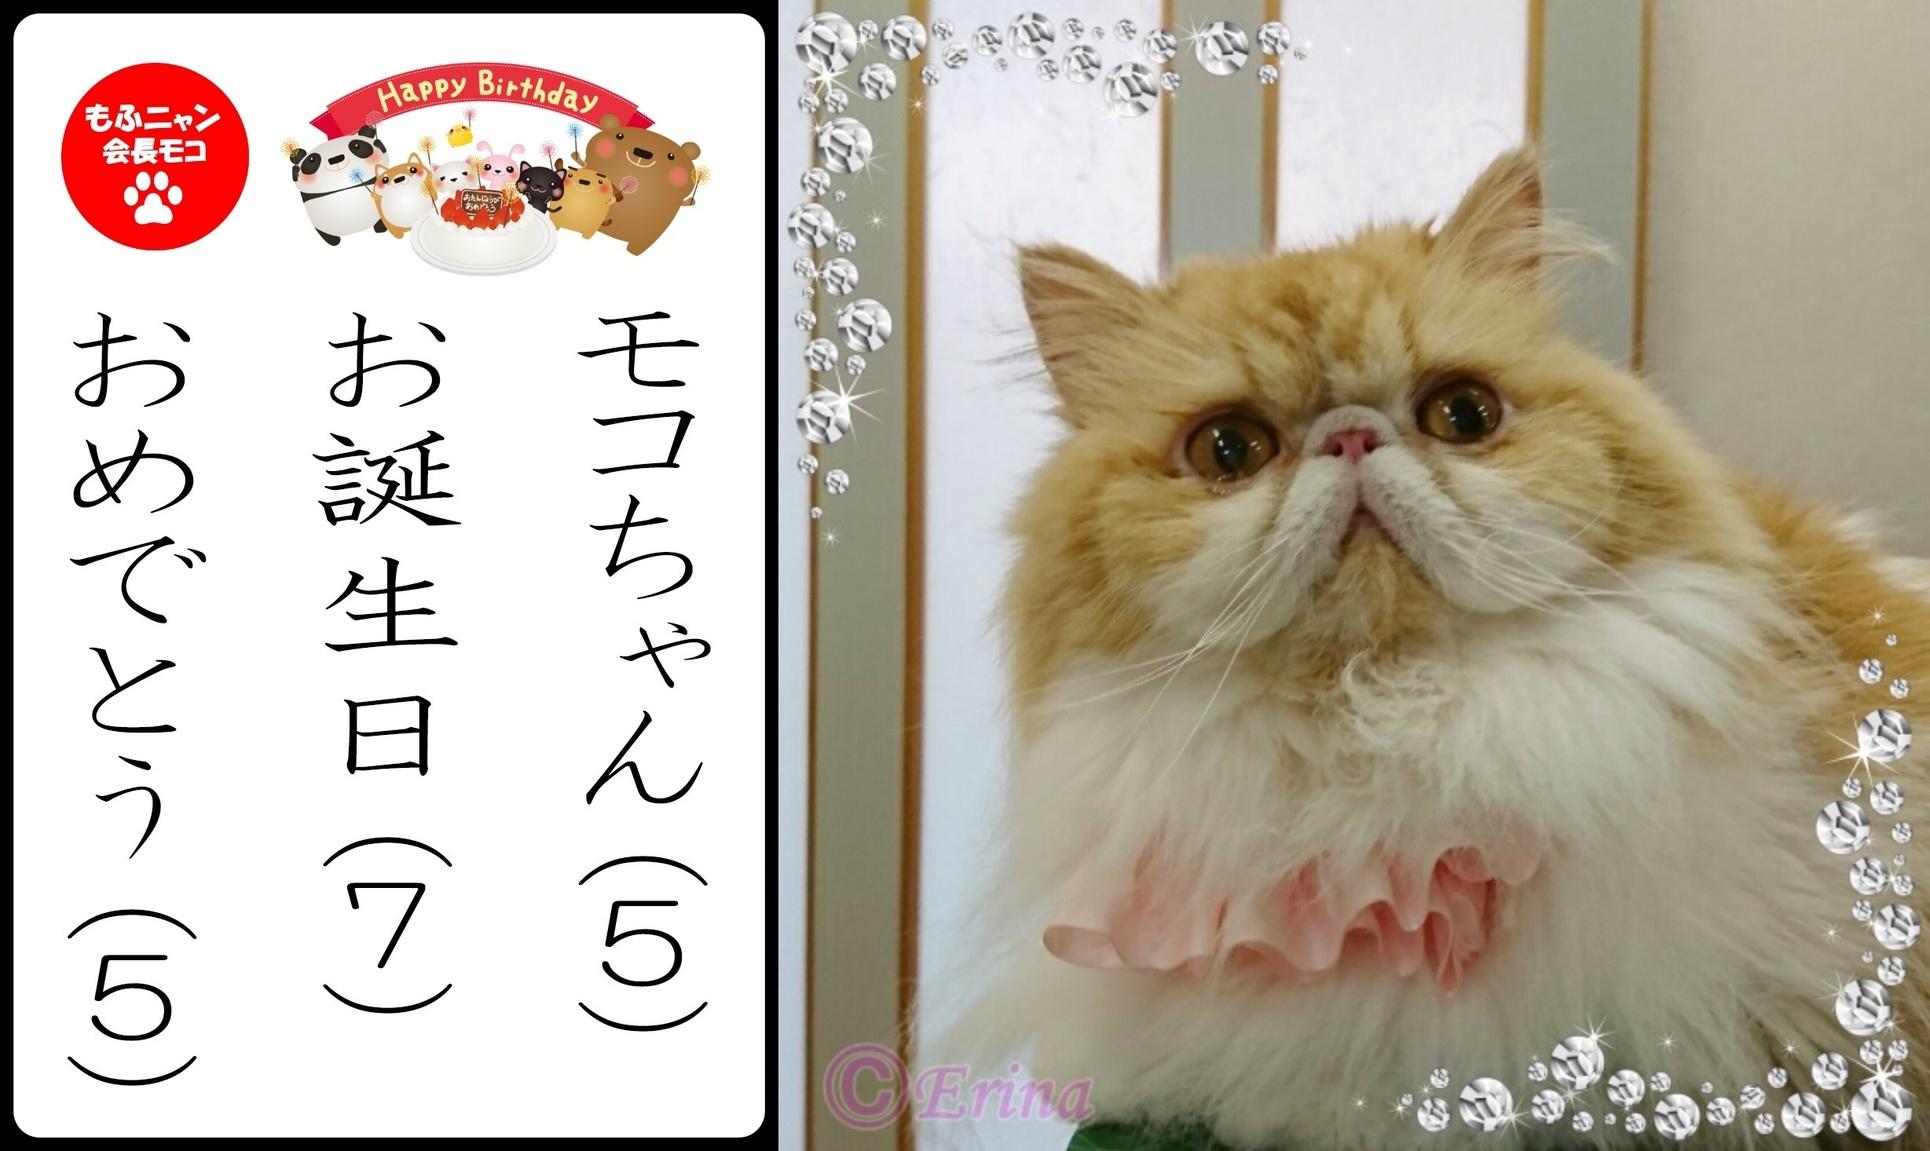 2連結猫川柳Ⓒもふニャン会長イラストモコちゃんお誕生日おめでとう-side.jpg